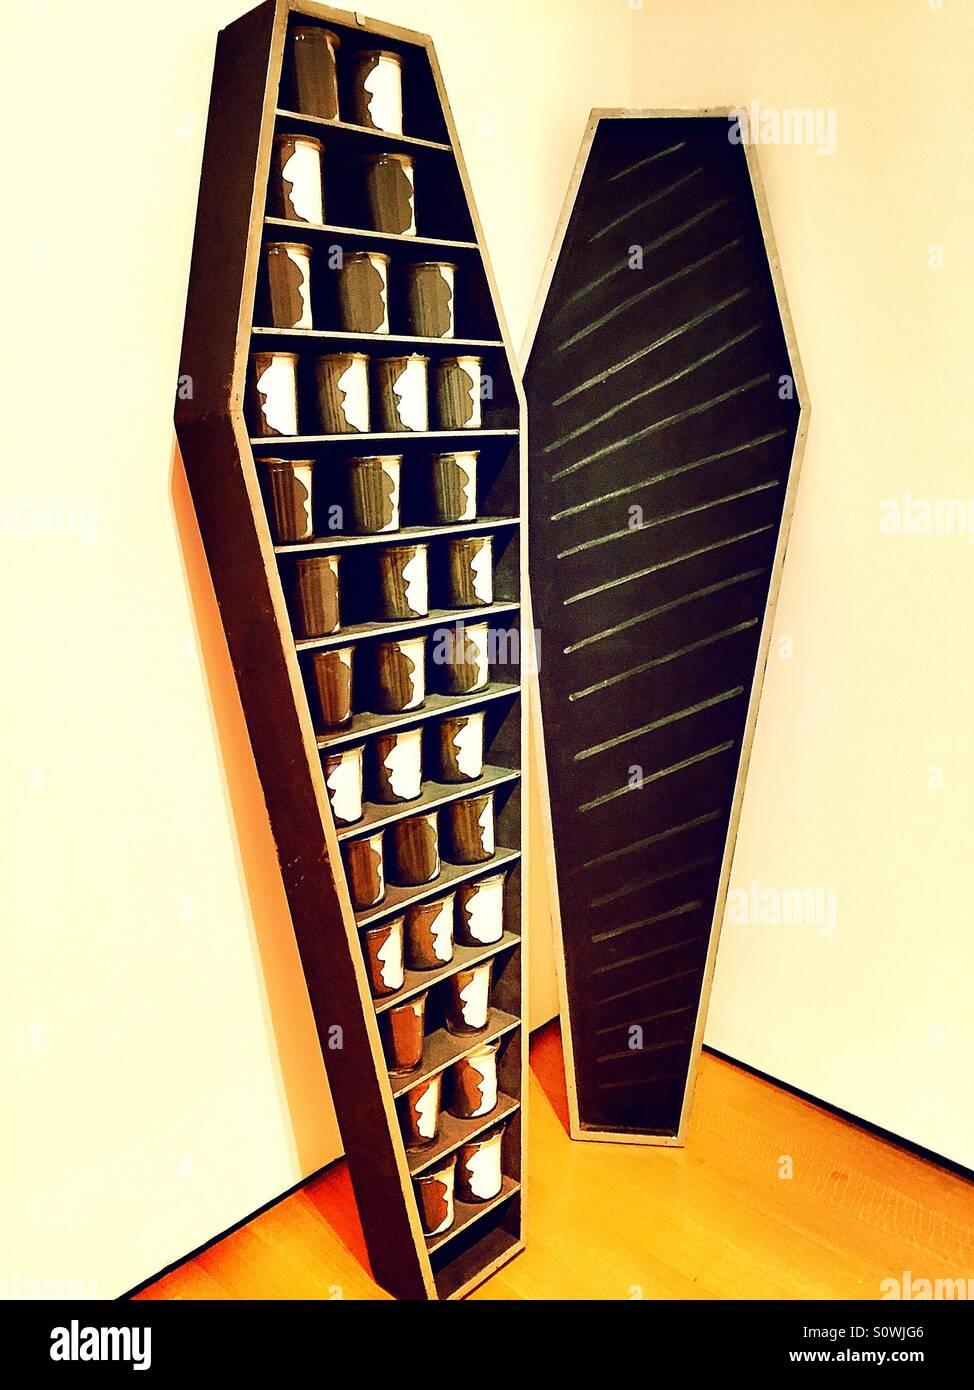 Sarg und Glas Becher-Anzeige in einem museum Stockbild